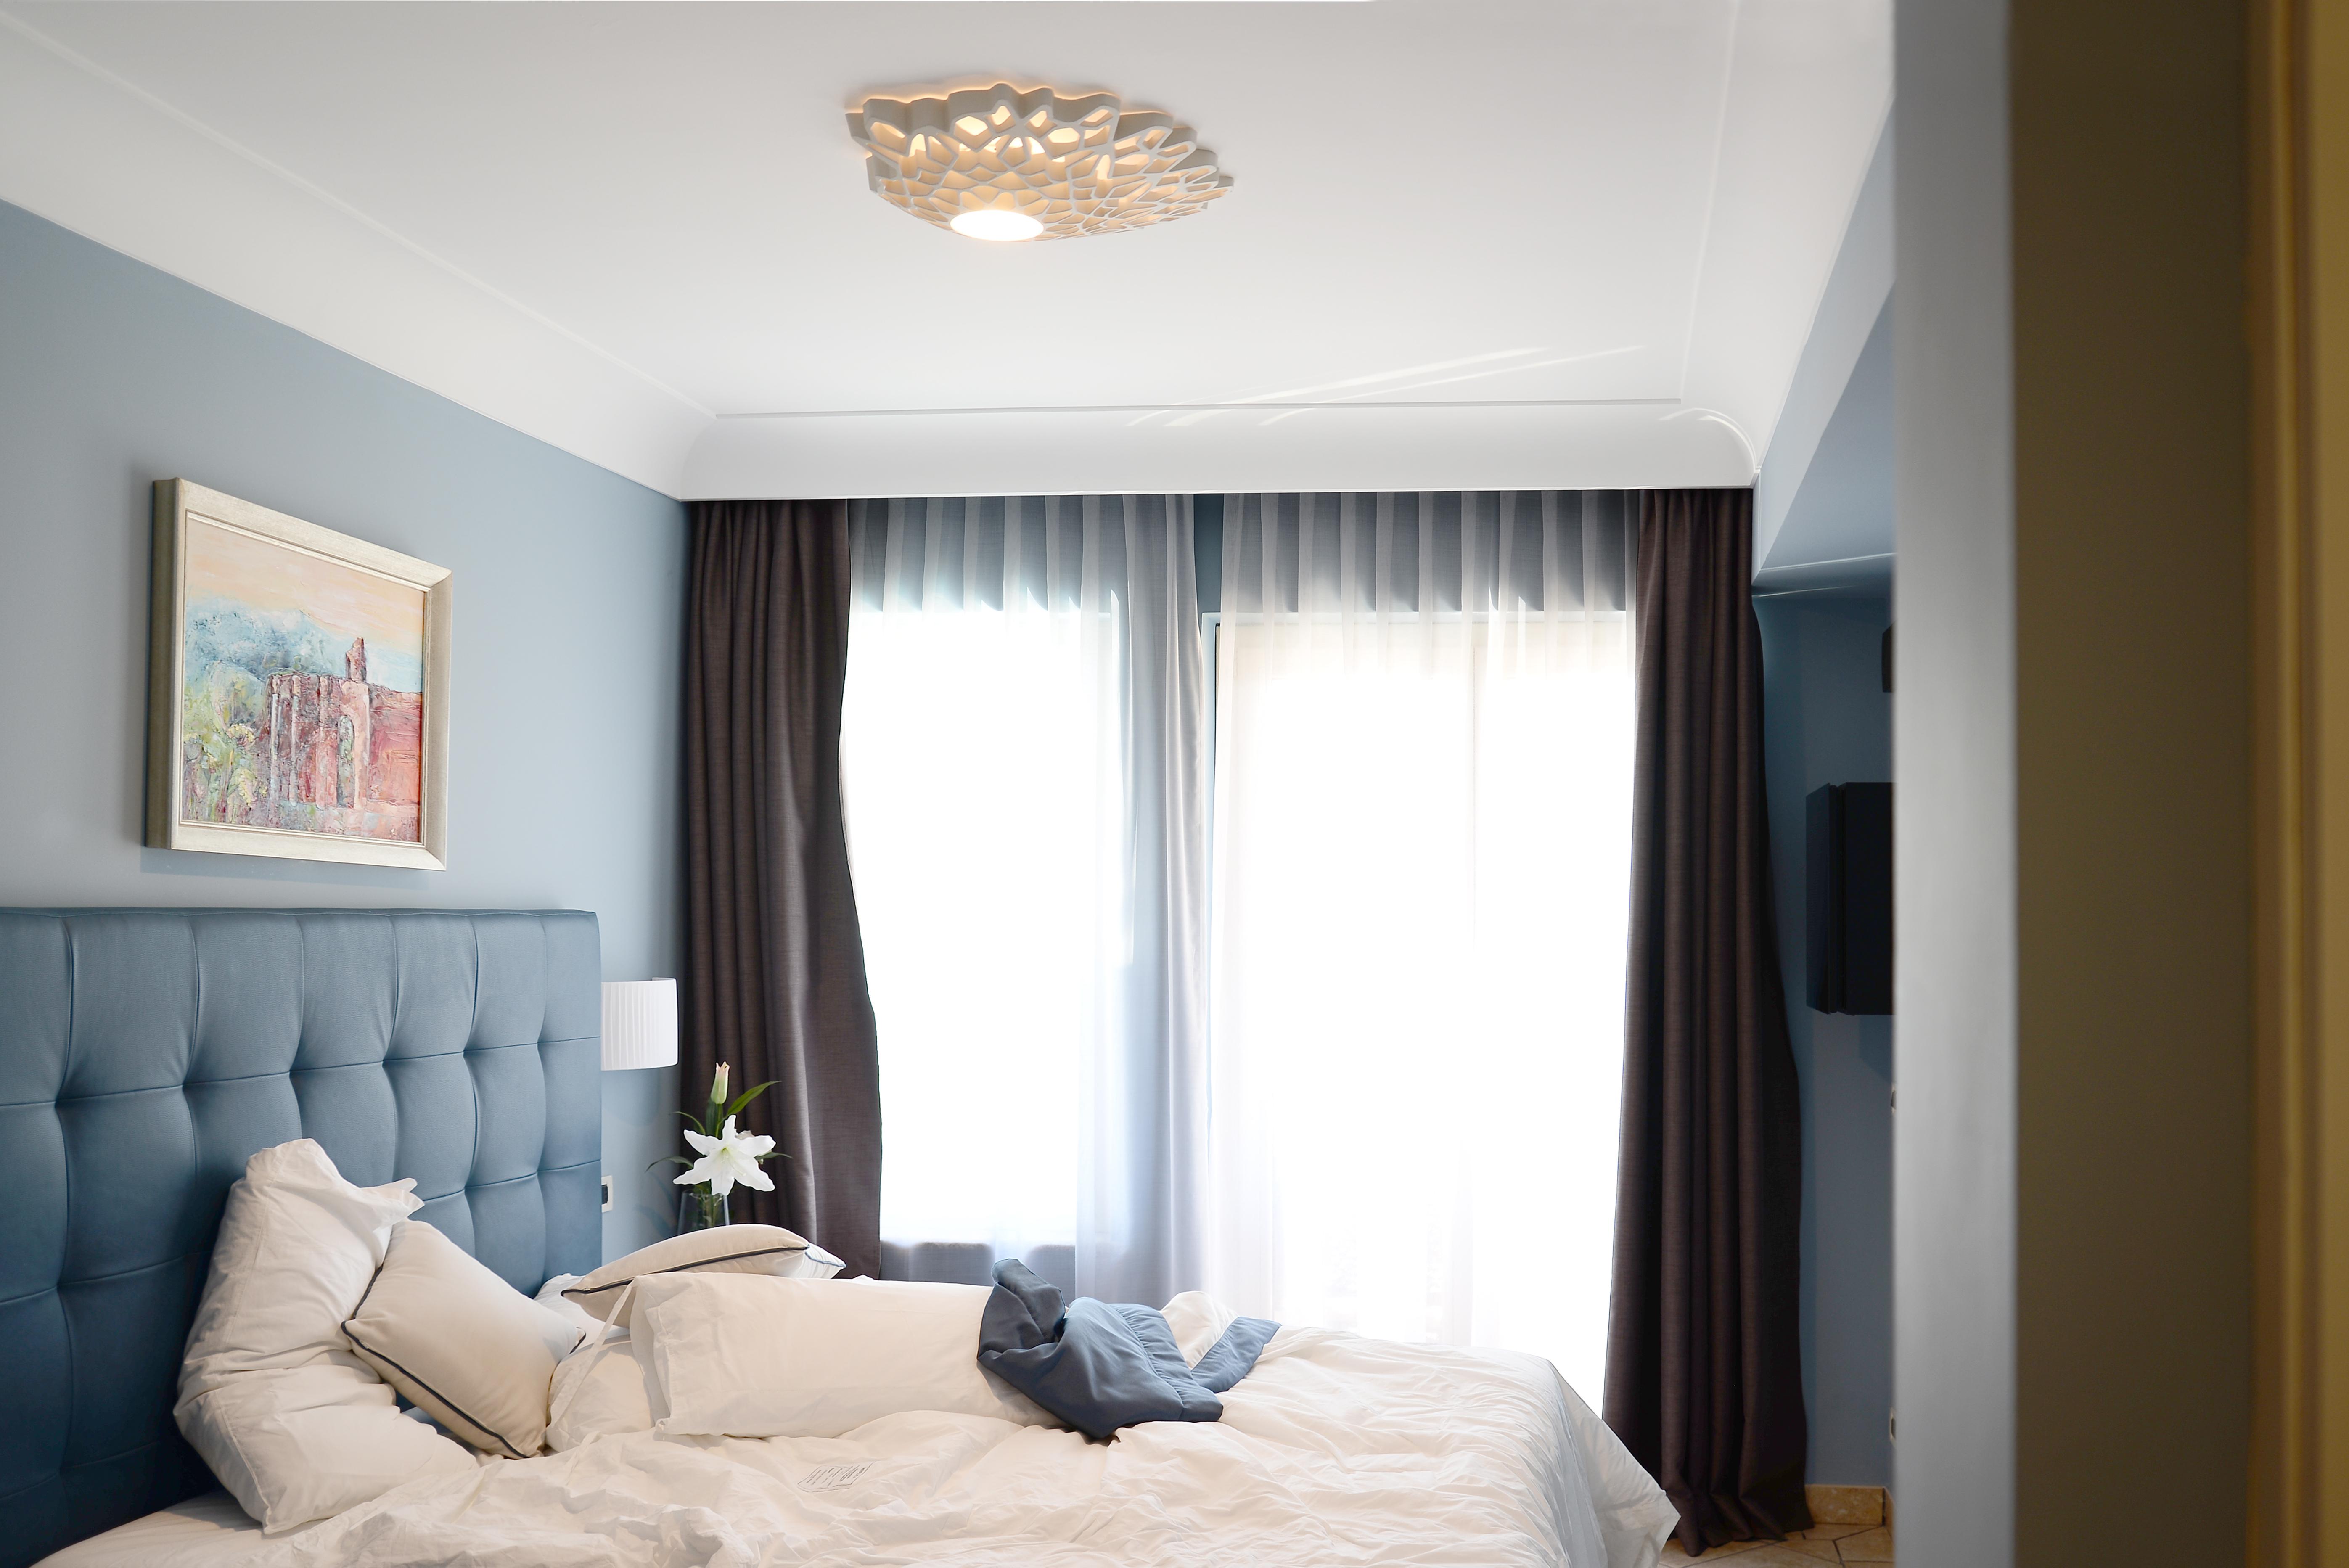 Illuminazione decorativa per hotel tutto quello che c è da